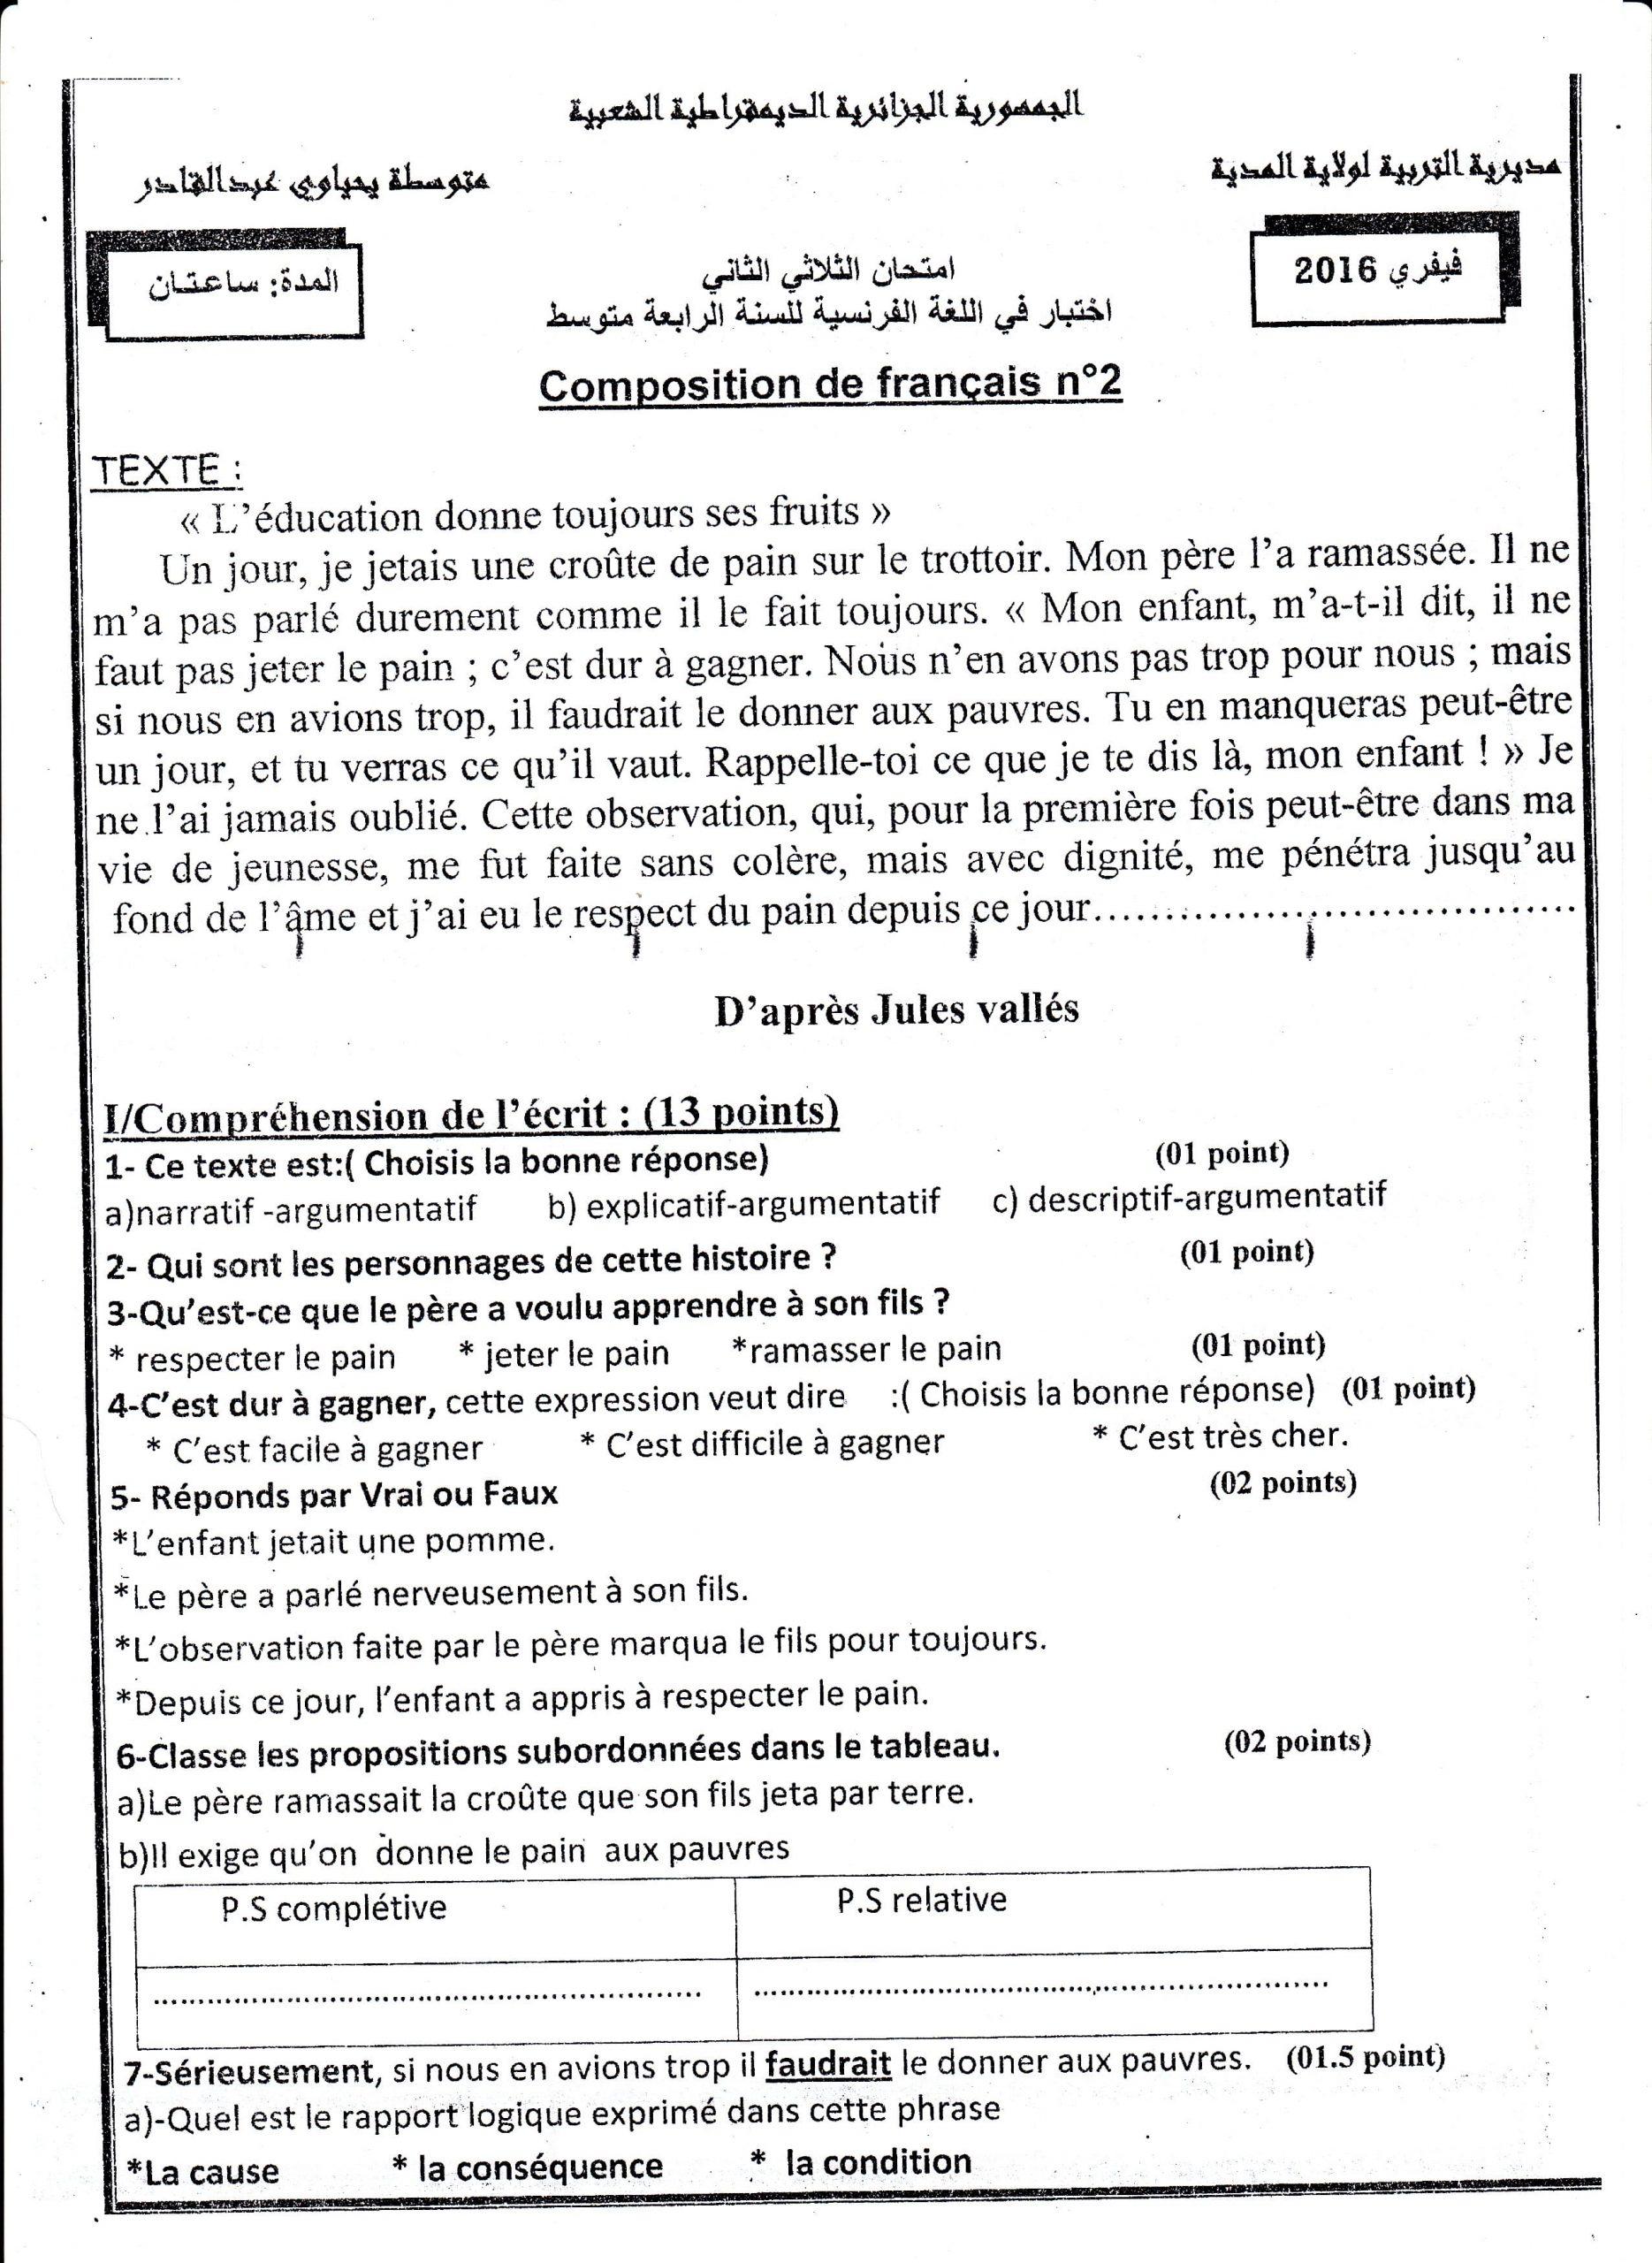 اختبار الفصل الثاني في اللغة الفرنسية السنة الرابعة متوسط | الموضوع 01